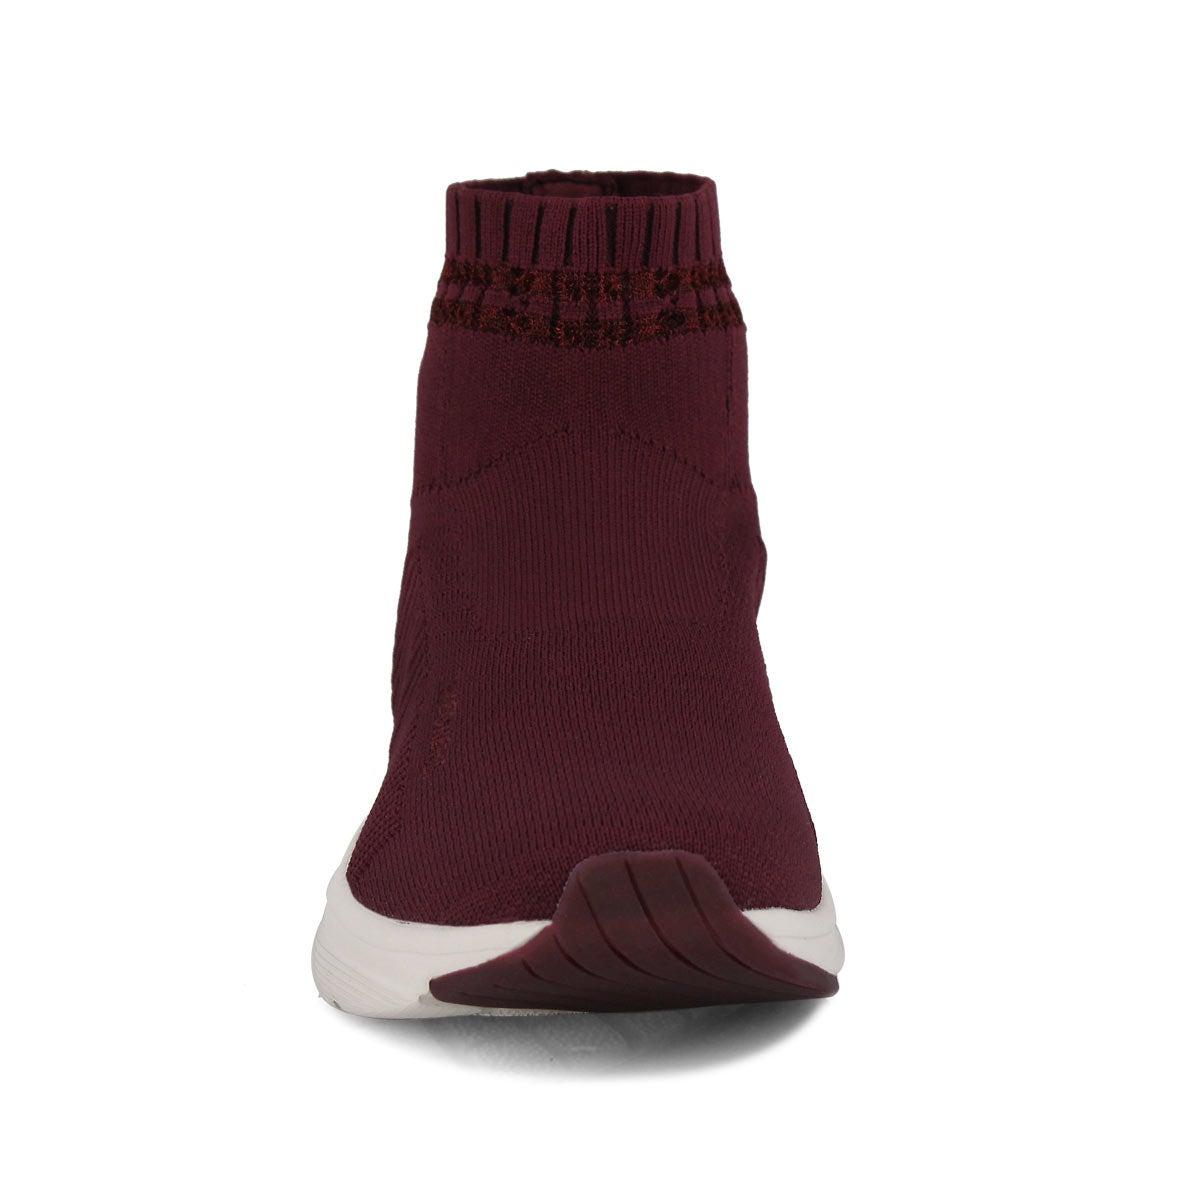 Lds Meridian On-The-Rise burg sock snkr